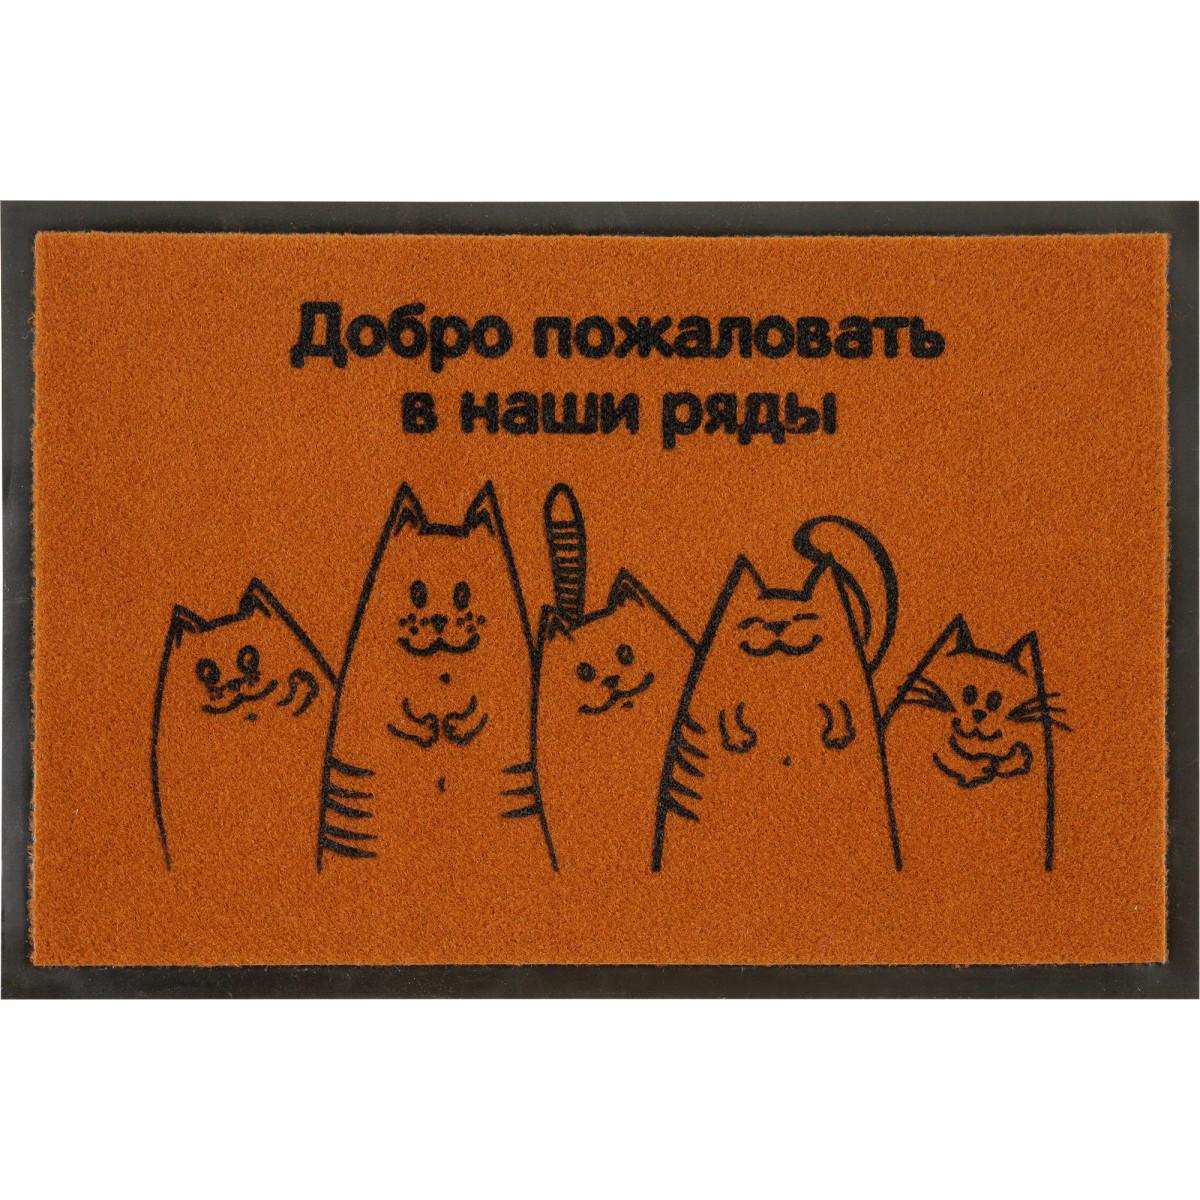 Коврик придверный Welcome 40x60 см полипропилен цвет коричневый